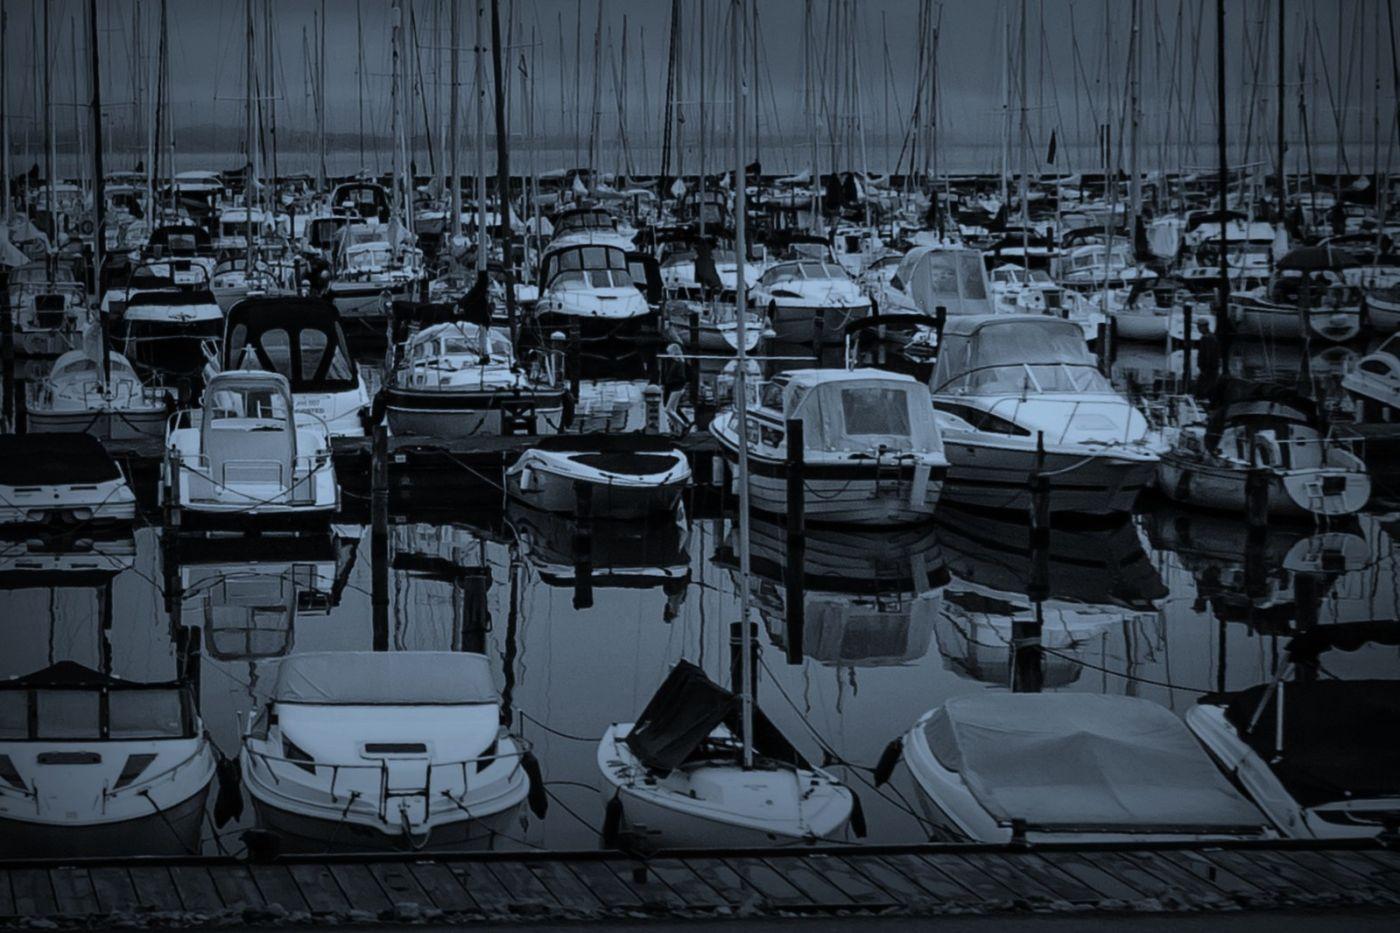 丹麦哥本哈根,坐船看市景_图1-28